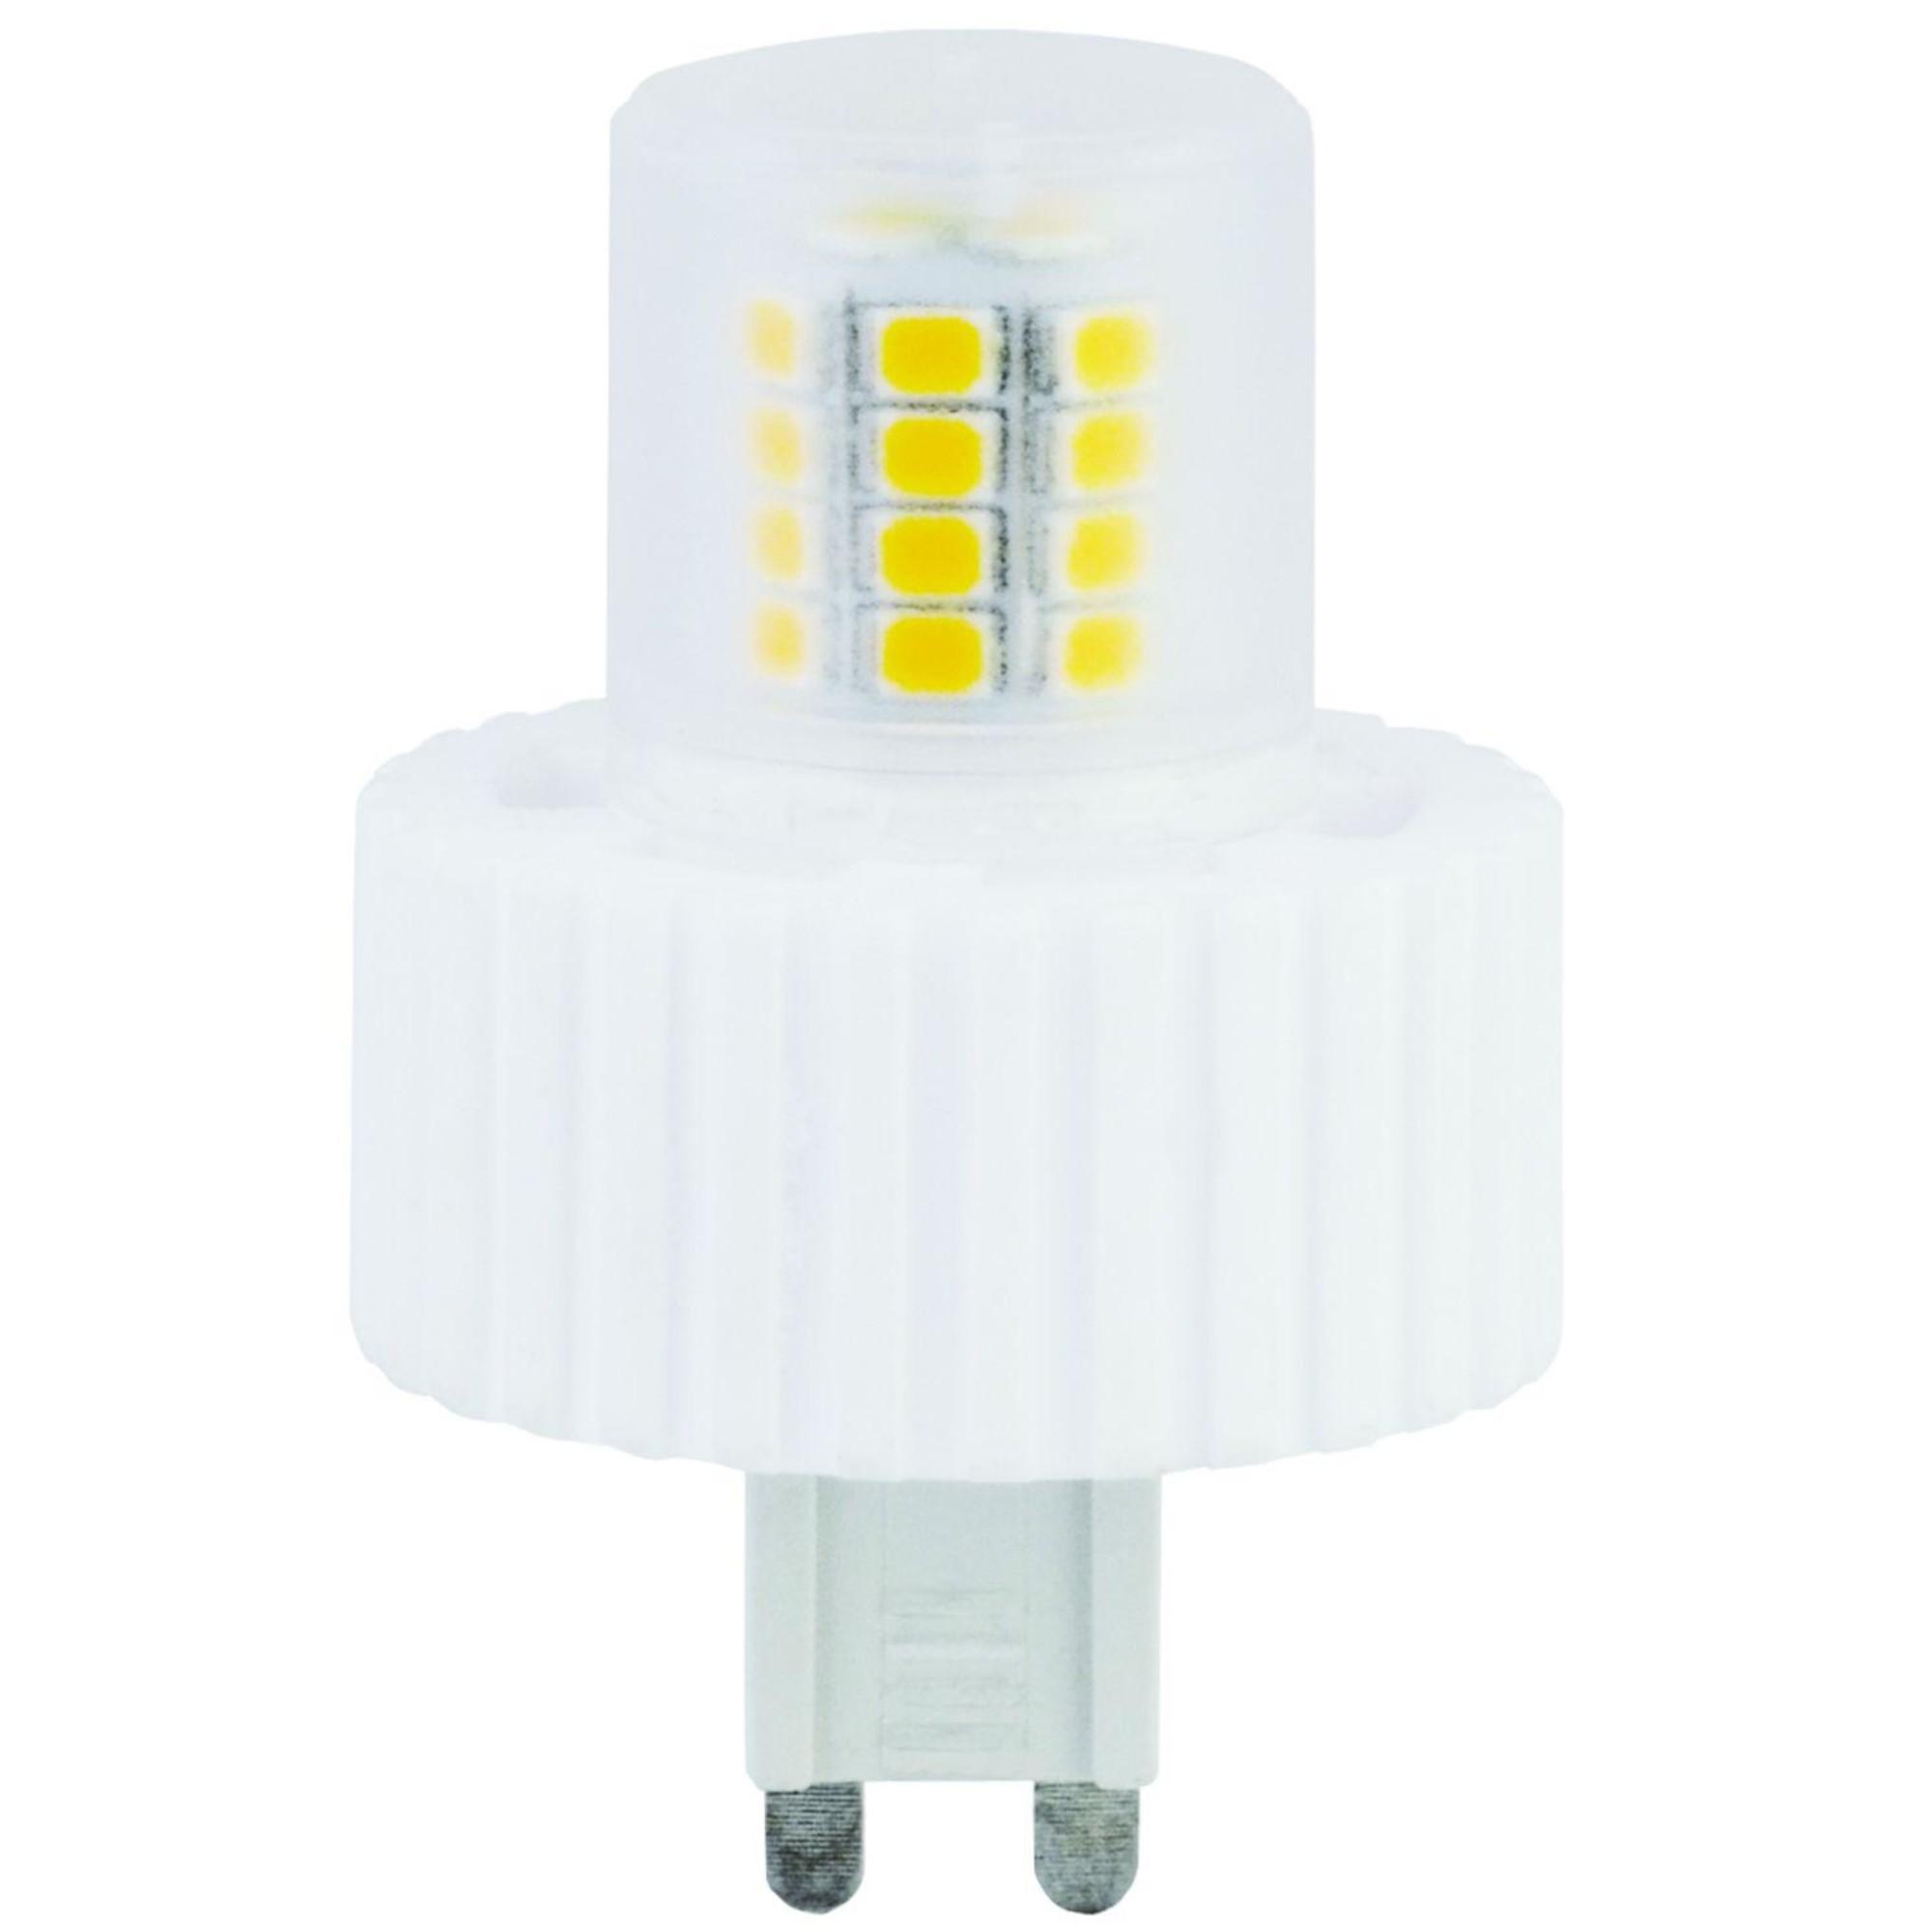 Лампа Ecola Premium светодионая G9 7.50 Вт капсула 670 Лм теплый свет